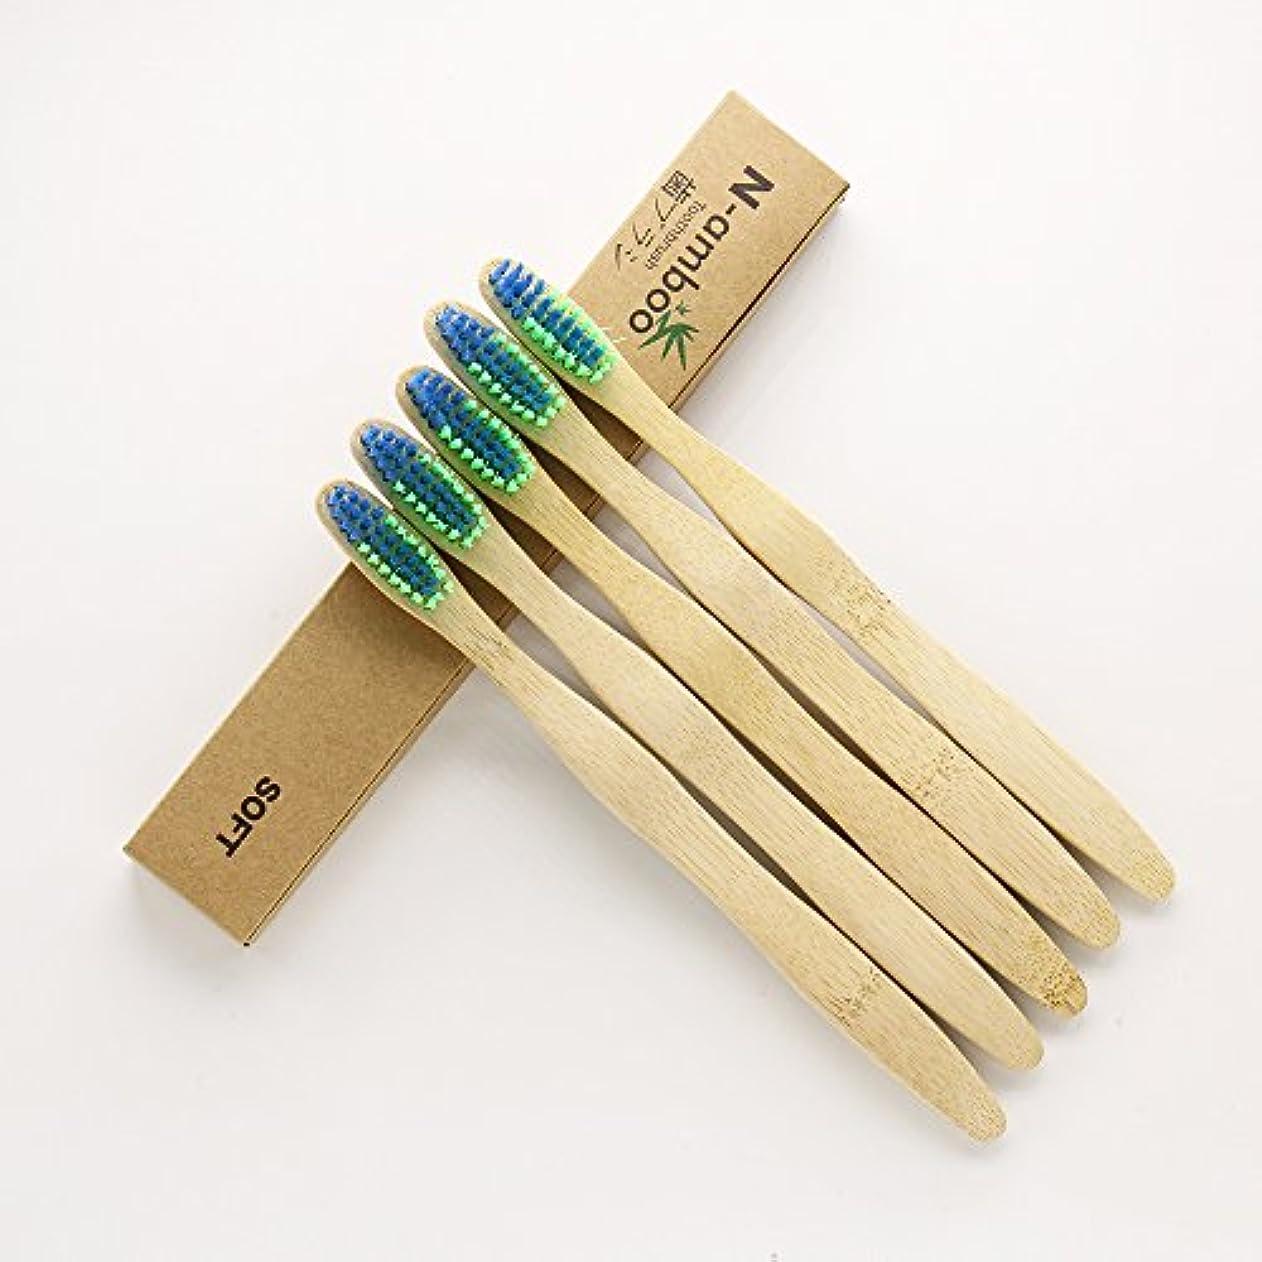 起訴するおしゃれな尋ねるN-amboo 竹製耐久度高い 歯ブラシ 青と緑色 5本入り セット